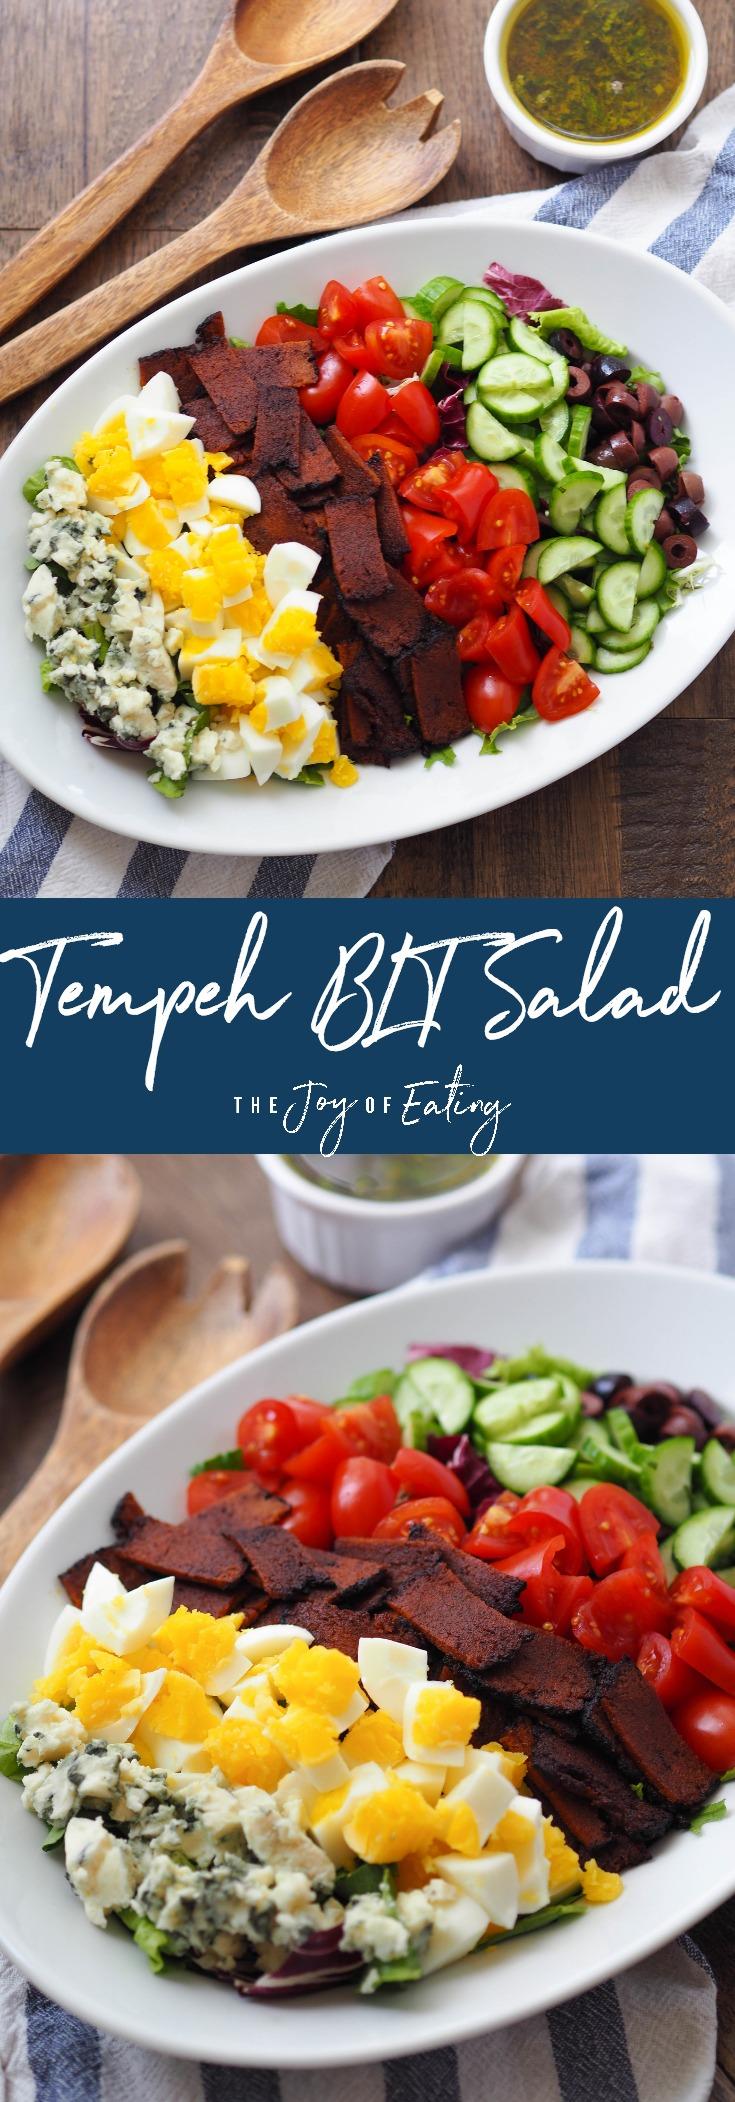 给这个沙拉沙拉!很好吃#——美味的美味的蔬菜,##——克里斯蒂娜·克里斯蒂娜和朱丽叶·皮布##